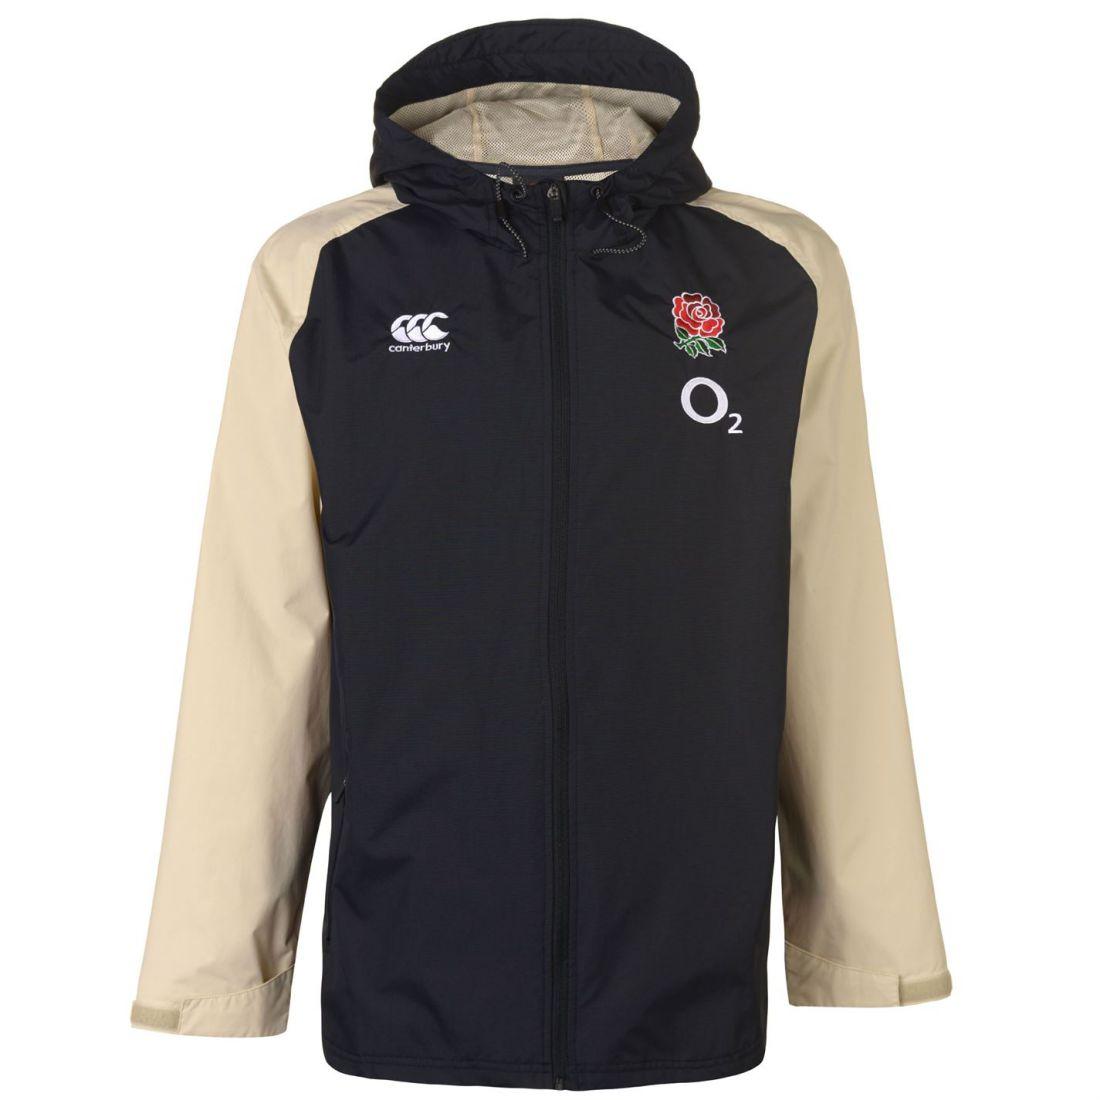 À Canterbury Repellent Capuche rouge Haut Manteau Water England Noir Résistant Jacket w6qr6E